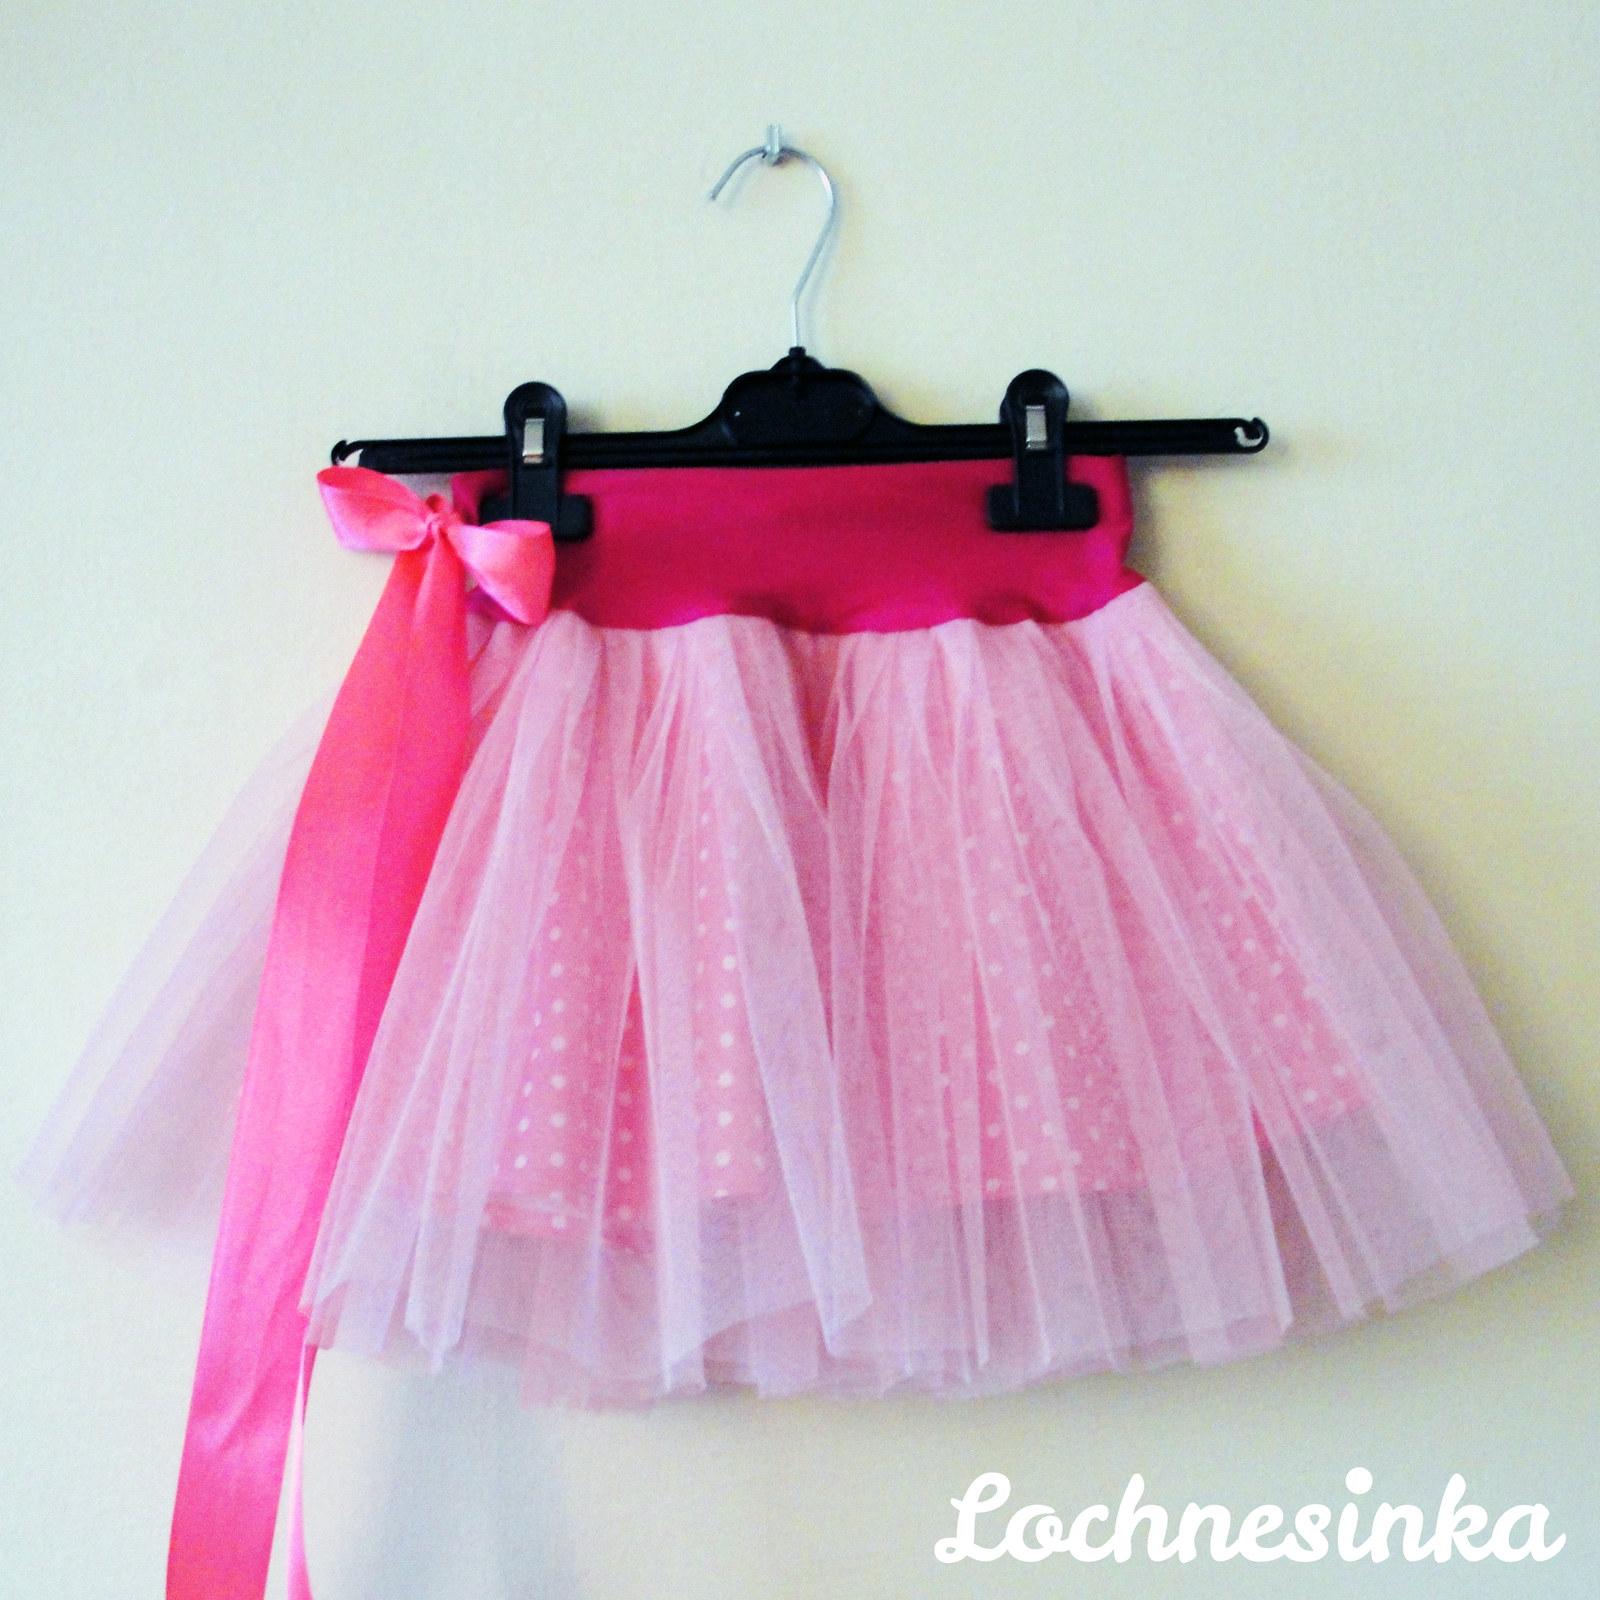 8ff659caa81 Tylová sukýnka růžová dětská   Zboží prodejce Lochnesinka